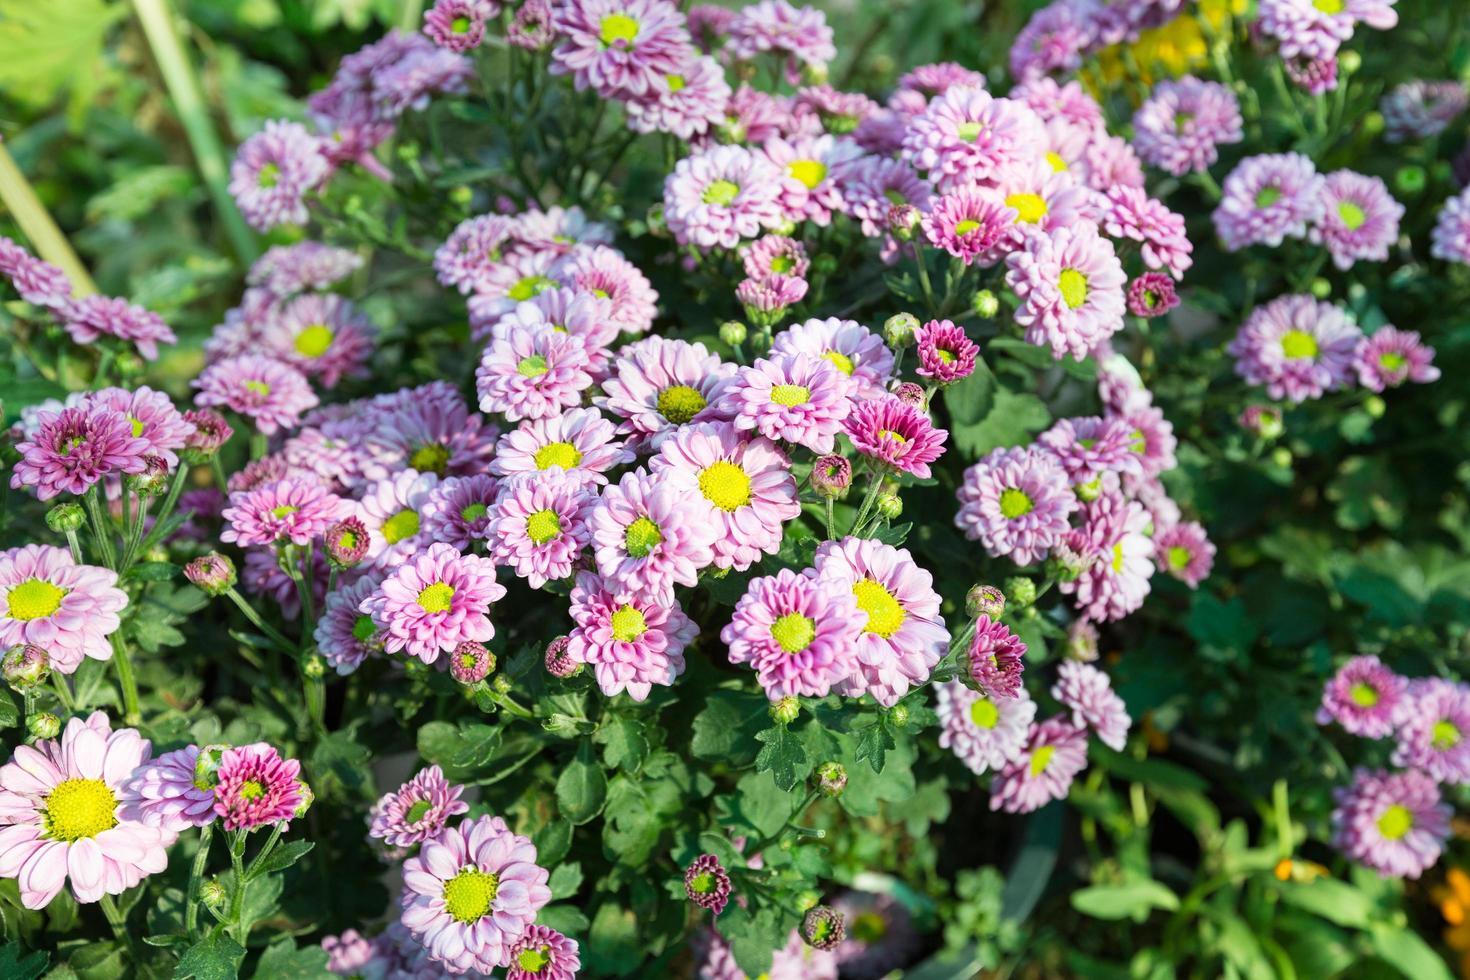 paarse bloemen in het park foto